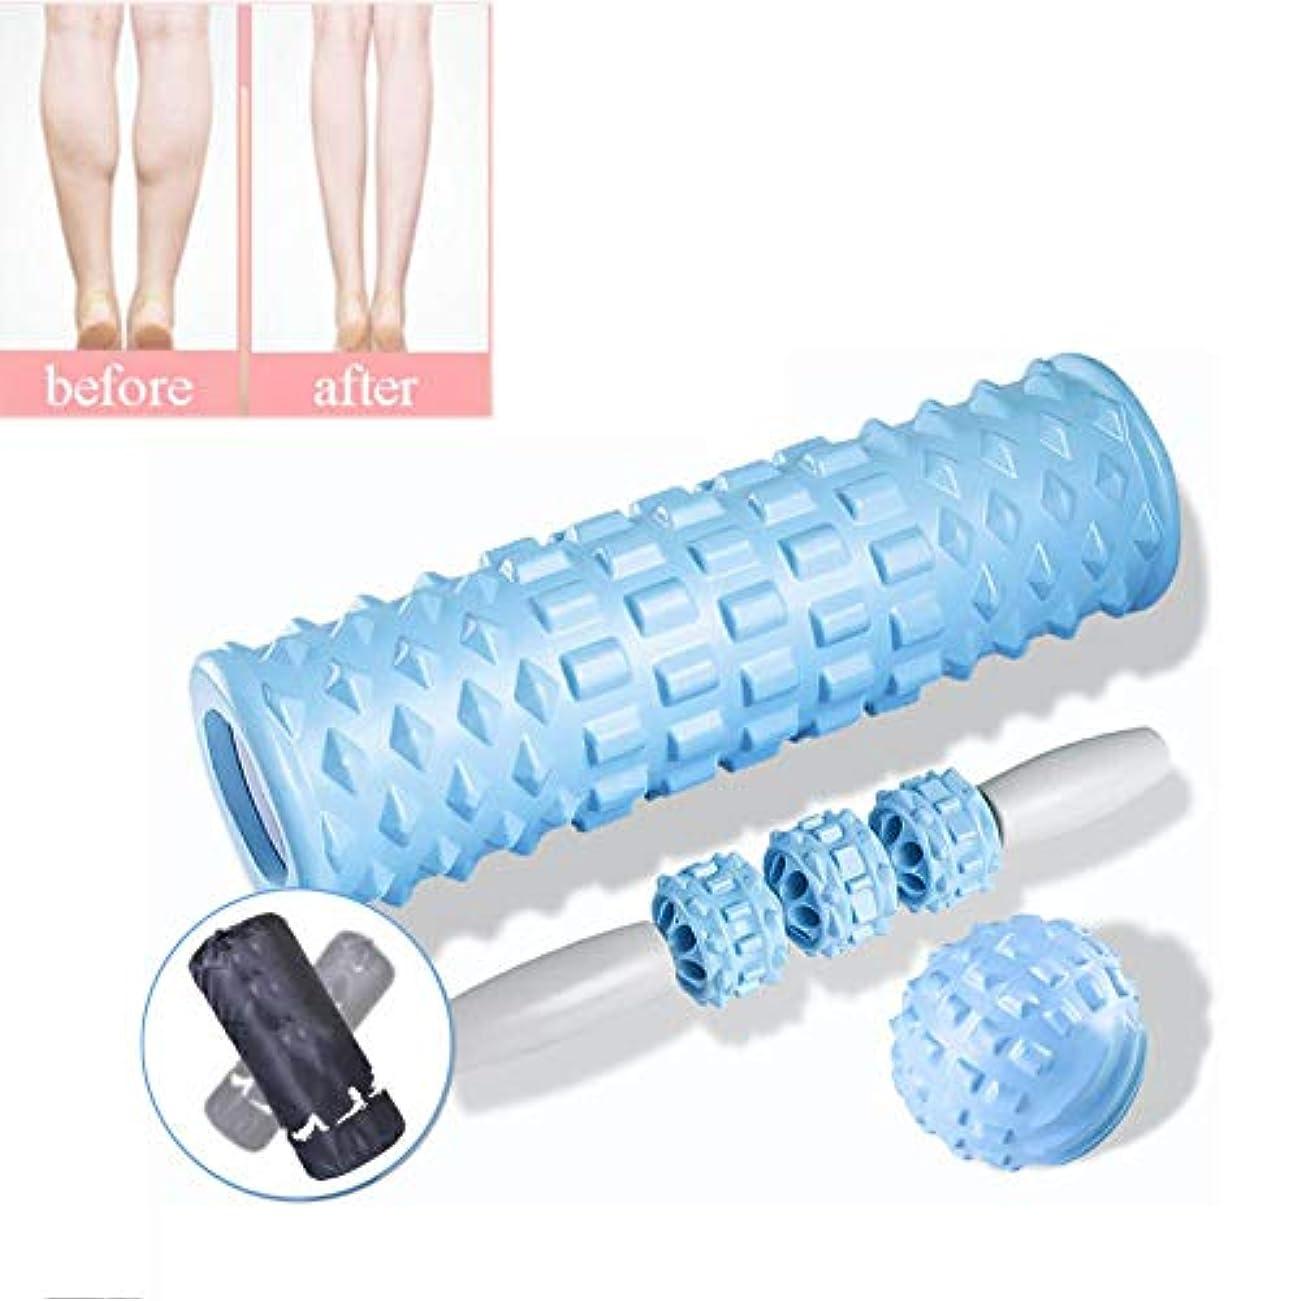 思い出させる展開する教育フォームローラー 筋肉理学療法スポーツディープティッシュ筋肉マッサージスリーピースのための浮動小数点泡ローラー,Pink